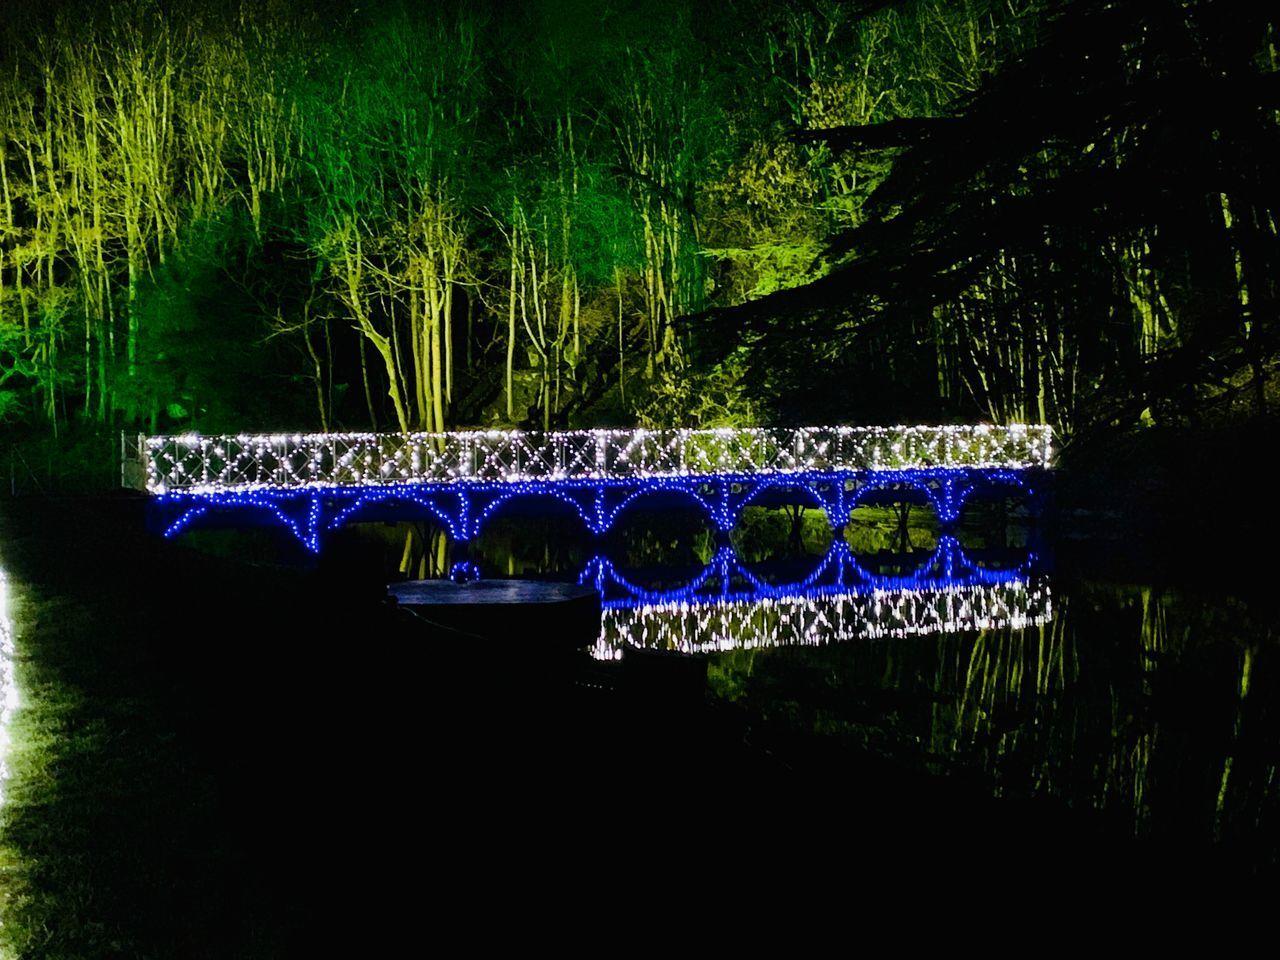 ILLUMINATED LIGHTS BY LAKE AT PARK